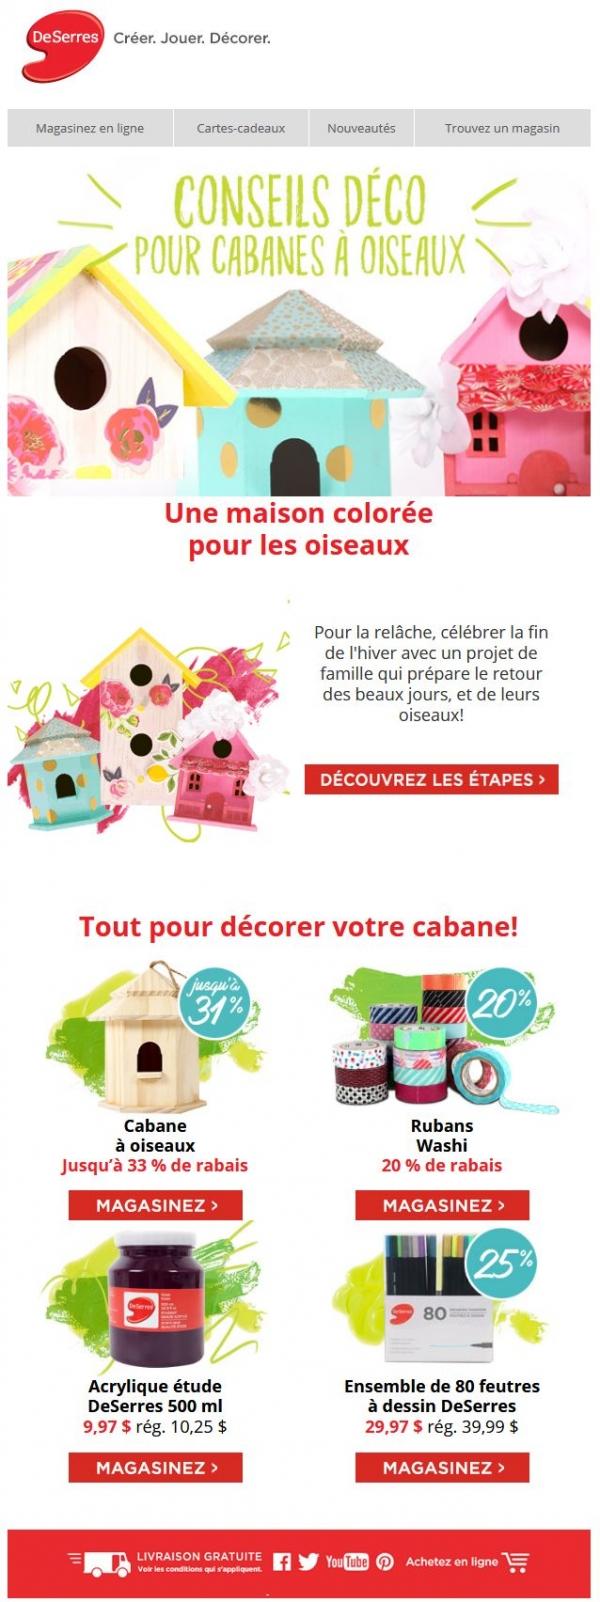 Devancez Les Oiseaux! Promotions Rabais